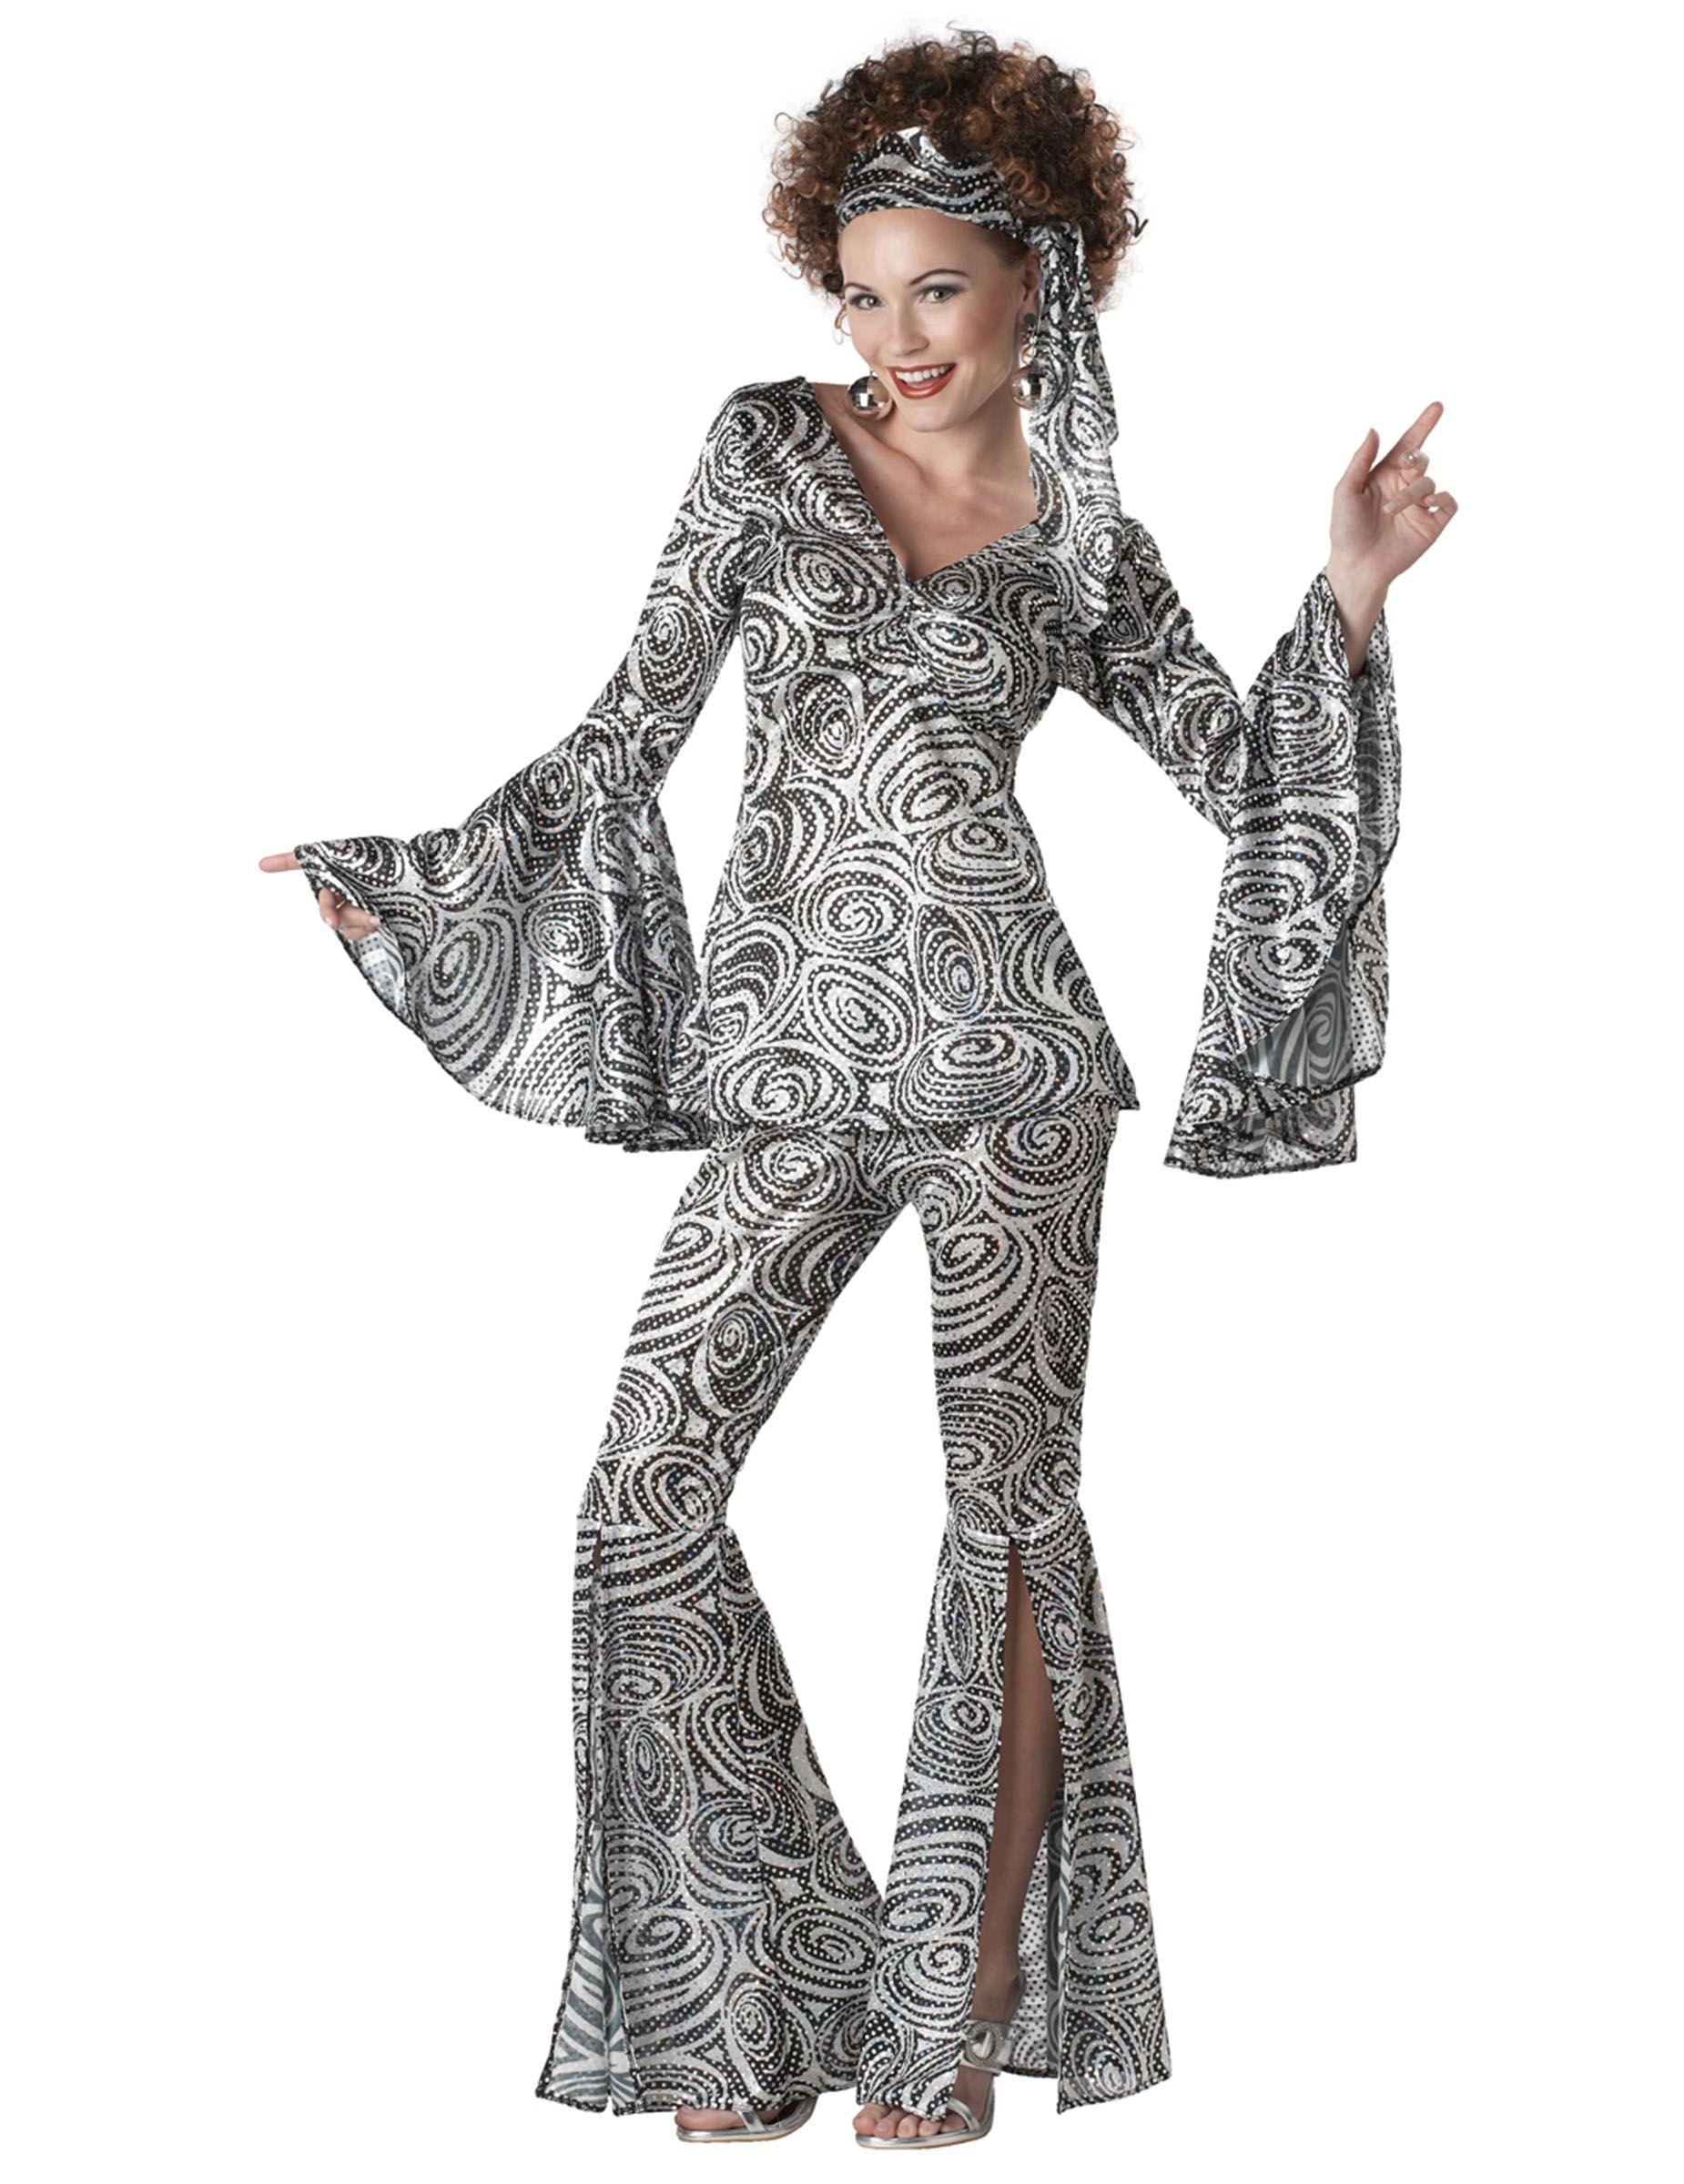 242fa1a6d91e50 De mooiste verkleedkleding voor uw themafeesten kunt u bestellen bij  Vegaoo.nl! Bestel snel deze disco outfit voor dames op onze website